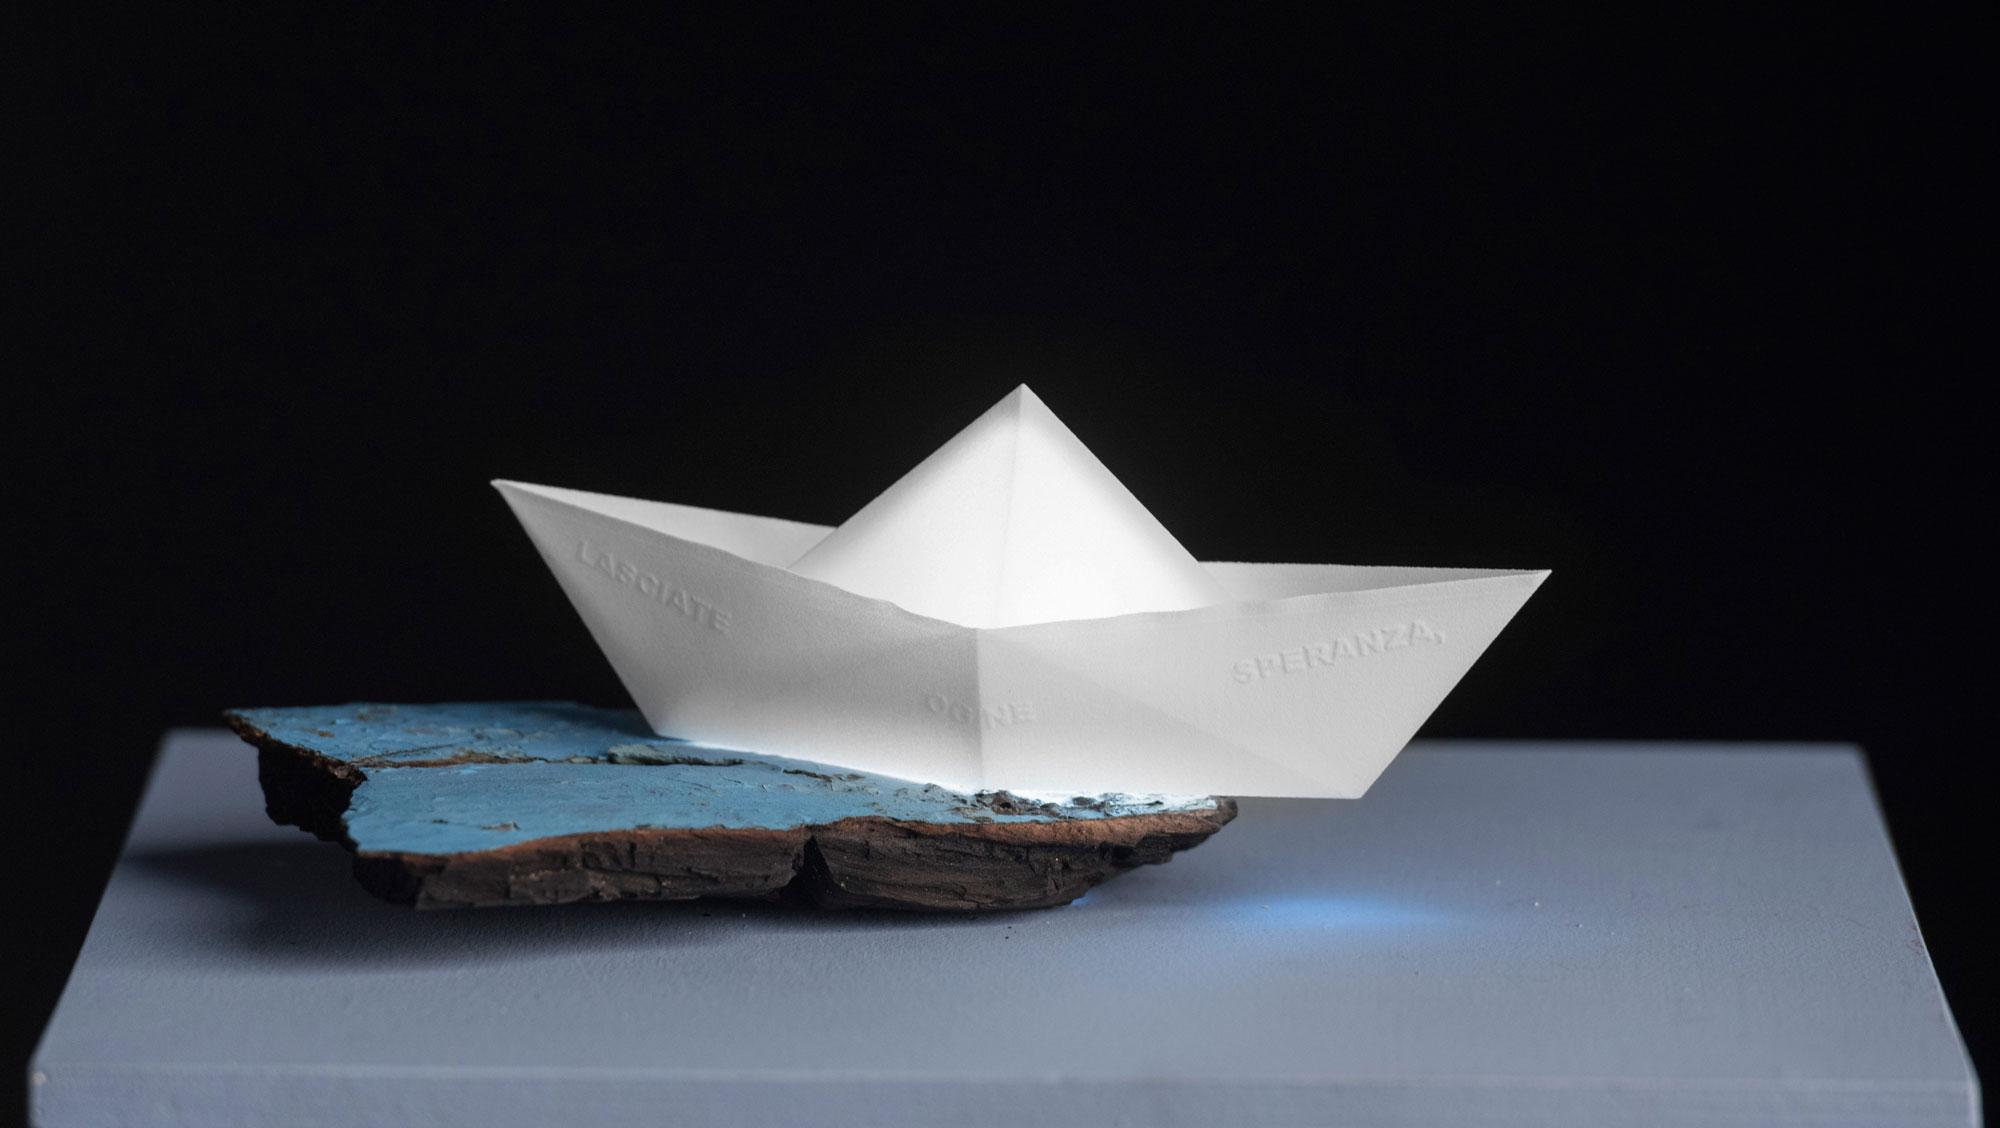 Mari-d'Italia,-2017,-Barca-stampa-3d-in-ABS,-frammento-di-barca-azzurro-bruciato